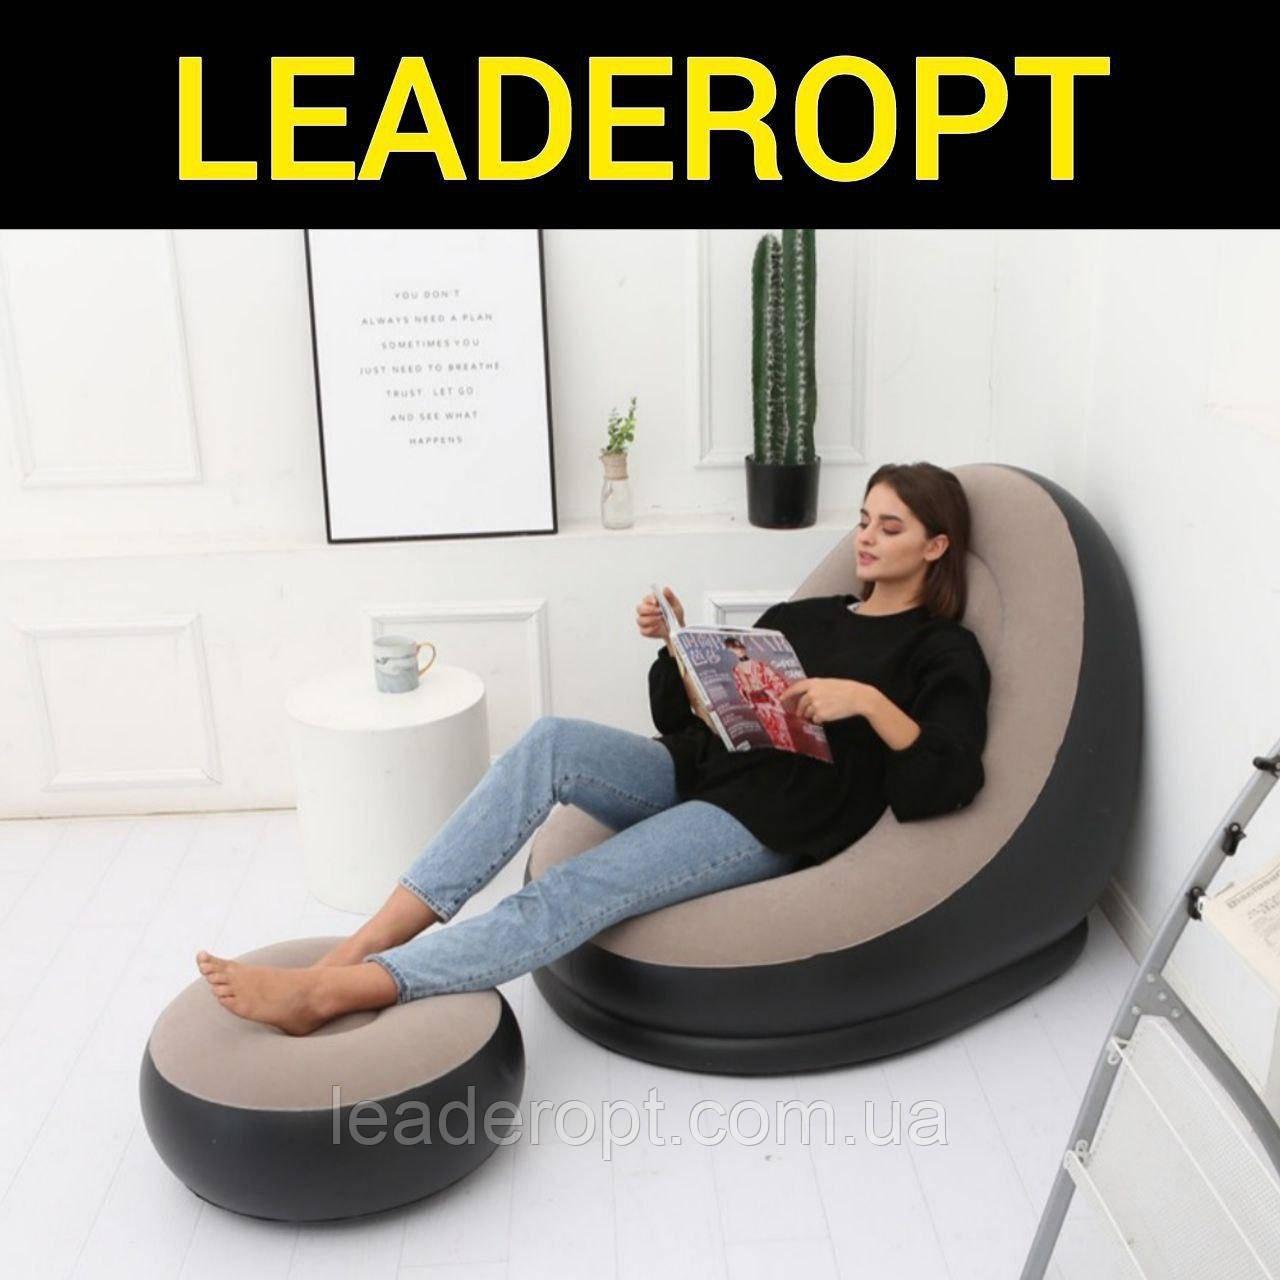 ОПТ Надувное виниловое кресло с пуфиком Intex Air Sofa с флокированным покрытием и насосом